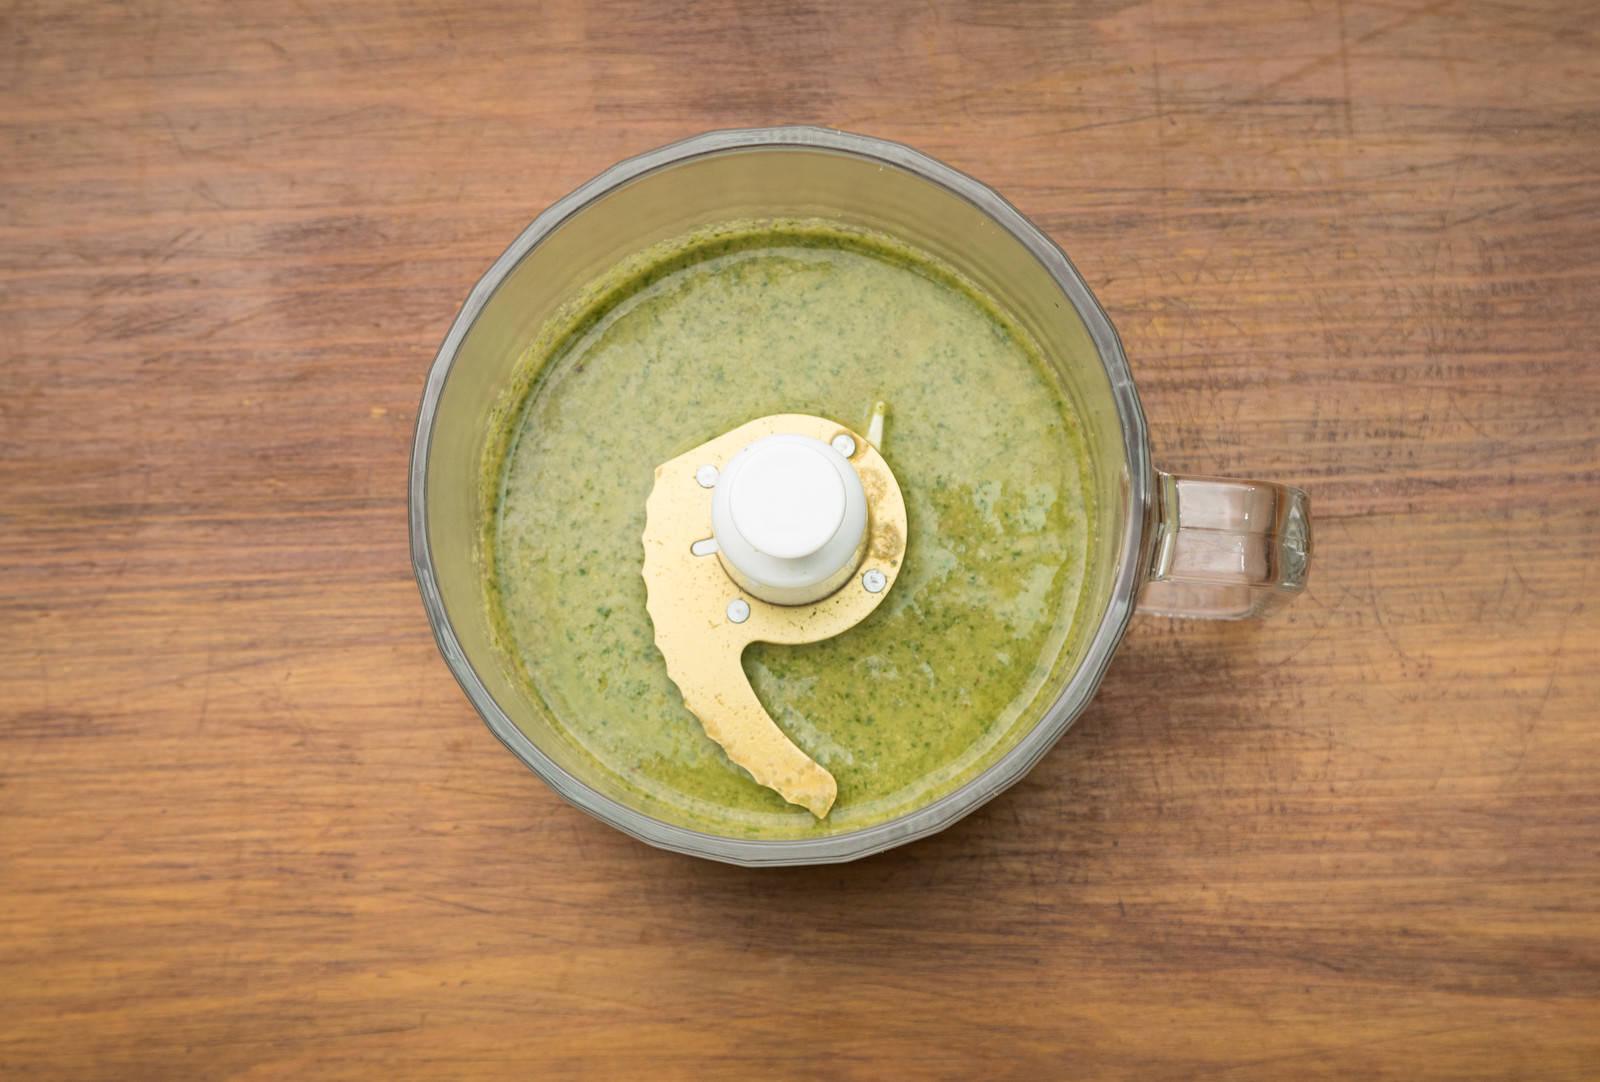 「小松菜スムージーの作り方小松菜スムージーの作り方」のフリー写真素材を拡大